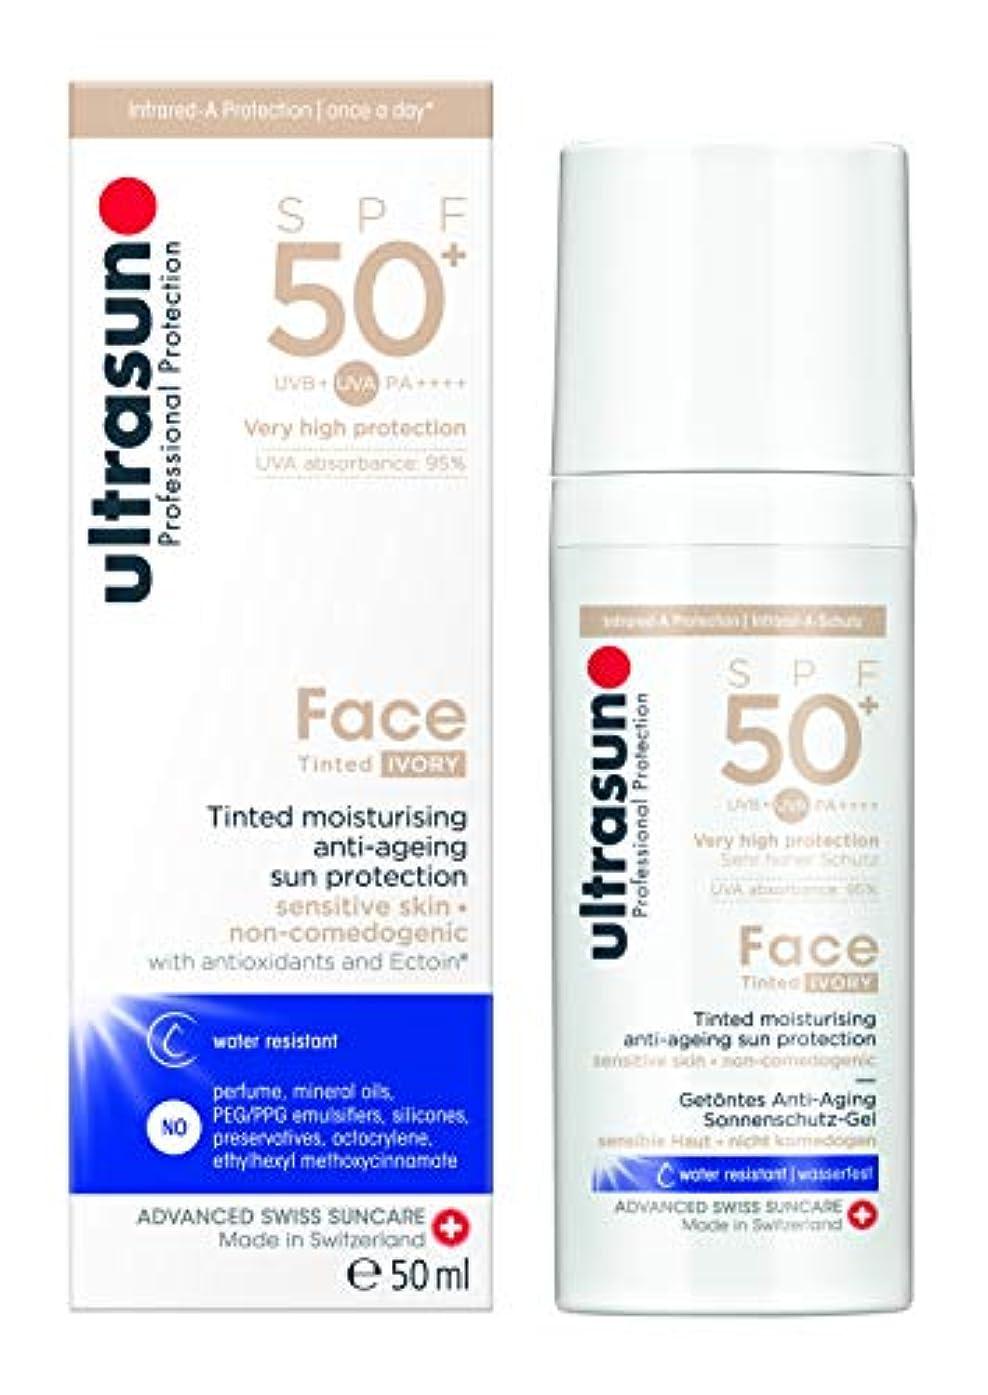 巻き取りずらすを必要としていますultrasun(アルトラサン) フェイス アイボリー 【 SPF50+ PA++++ / 化粧下地OK/トリプルプロテクション 】 50mL IR-A対応 肌色補正 敏感肌用 しみ たるみ 深いしわ ブロック UVカット フェイスケア 無添加 顔用 紫外線 サンケア ハリ 潤い 防止 ひやけどめ